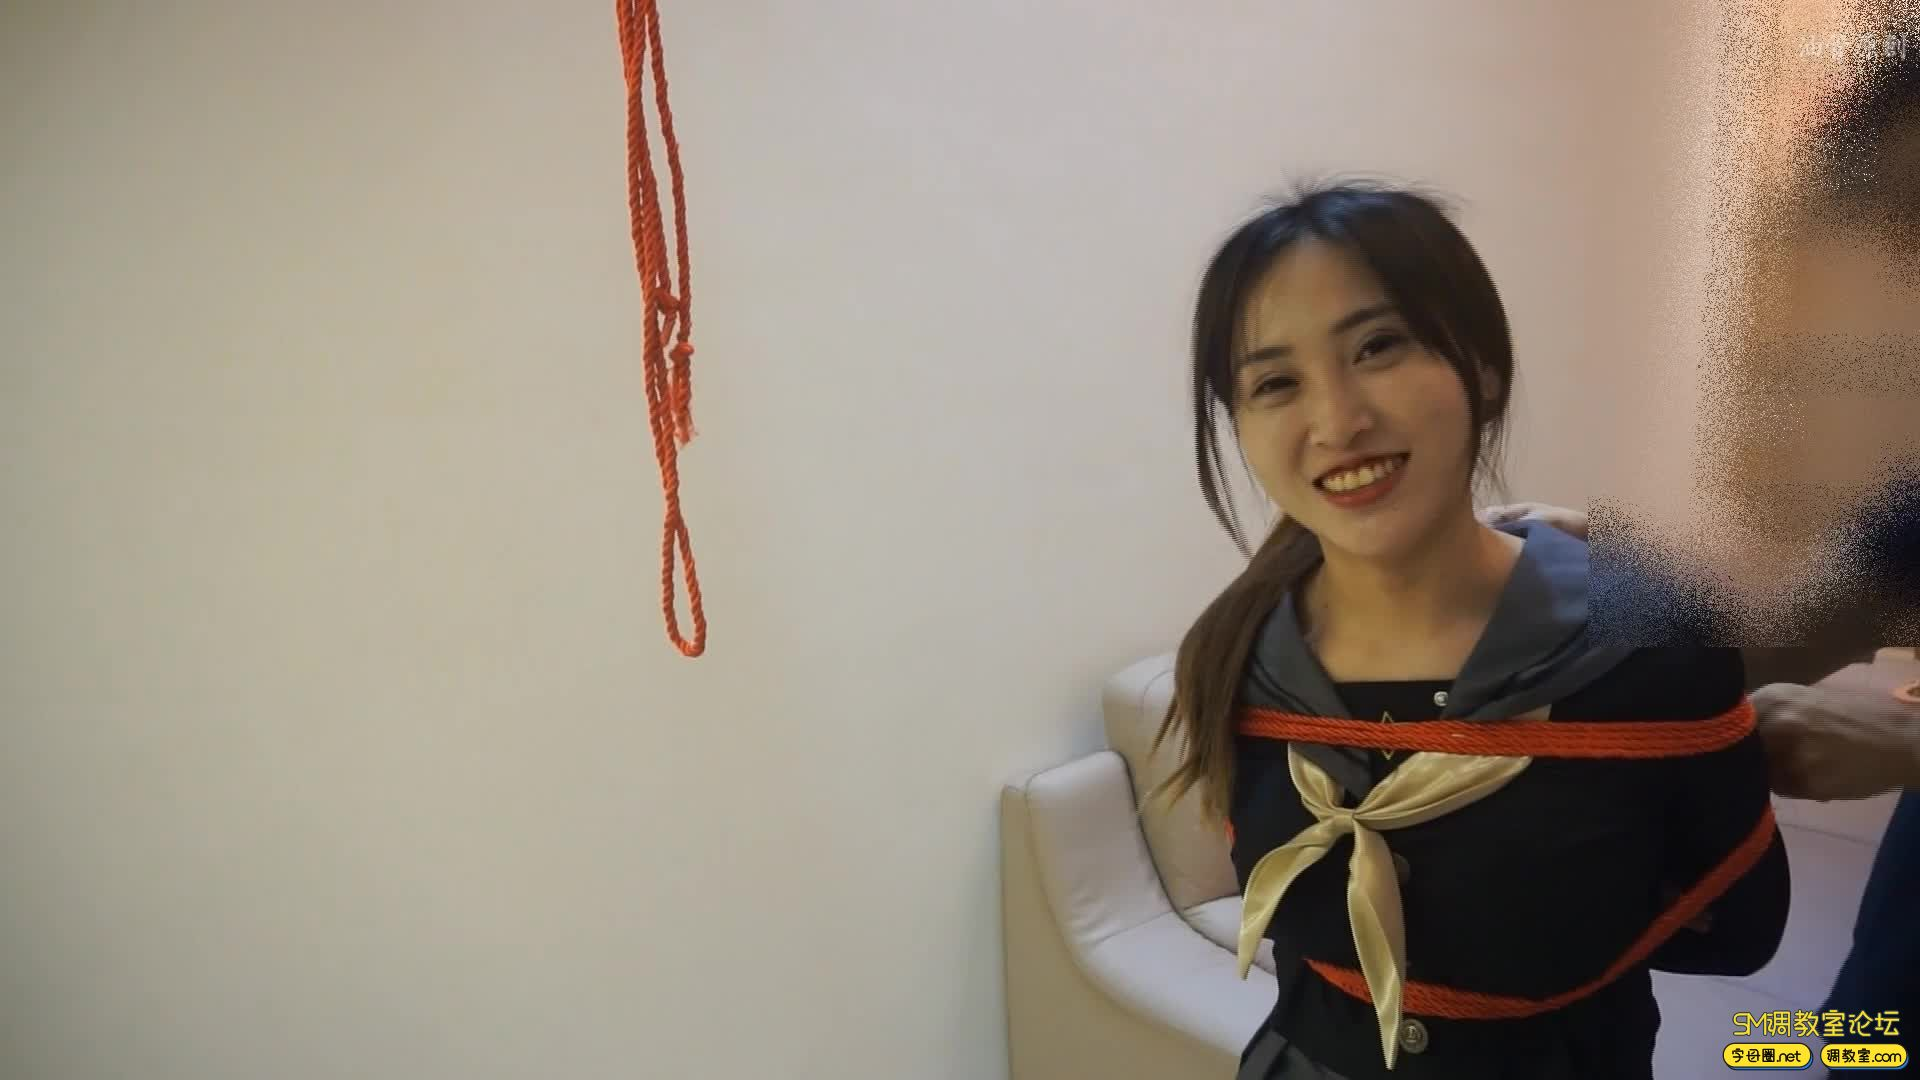 油管原创_好久没见的模特小怡  红绳紧缚-视频截图1